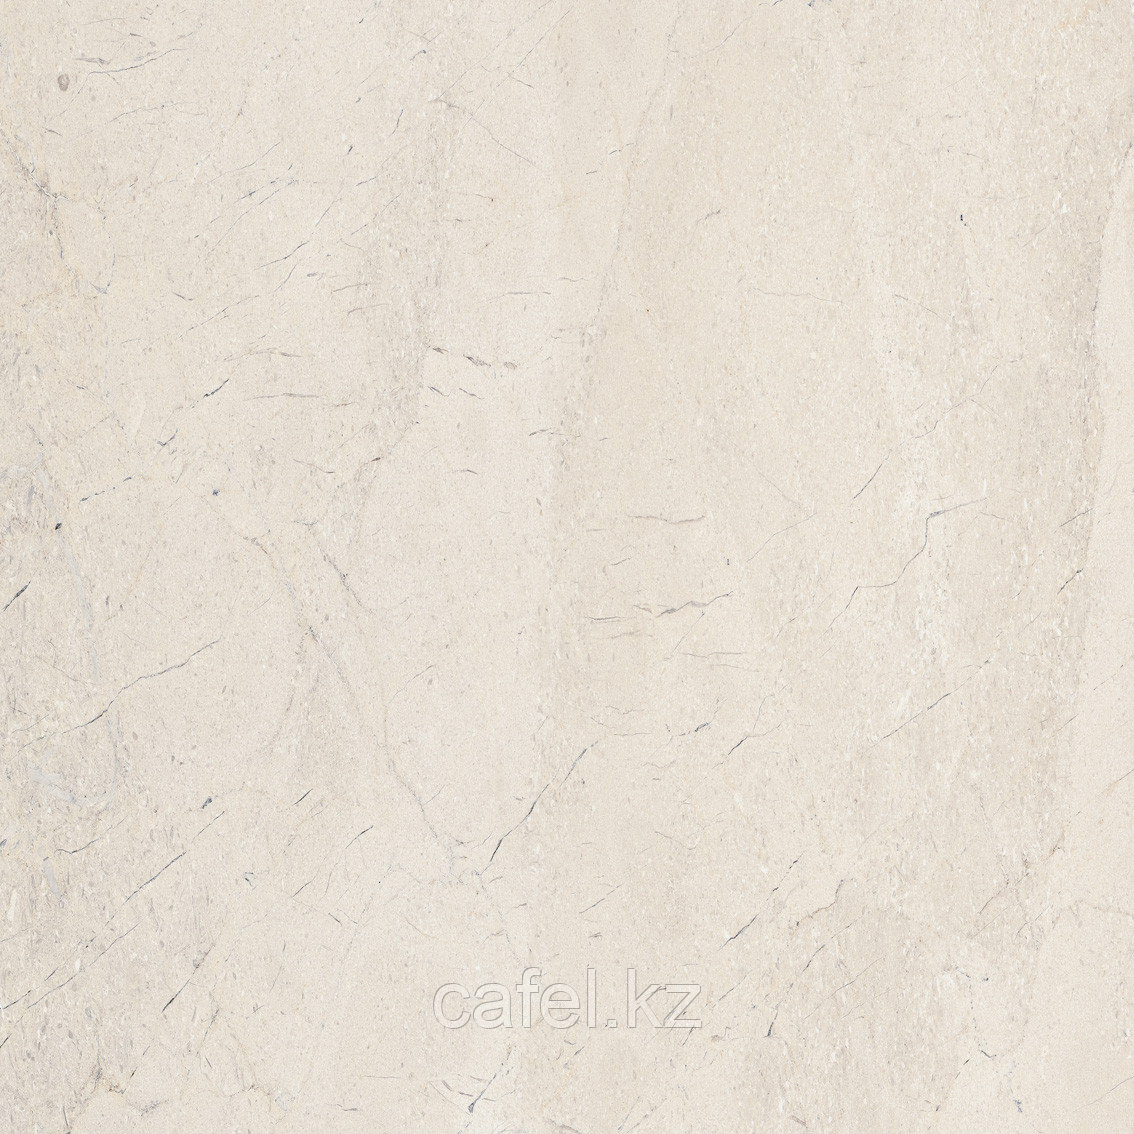 Кафель | Плитка для пола 40х40 Крема марфил | Crema marfil бежевый